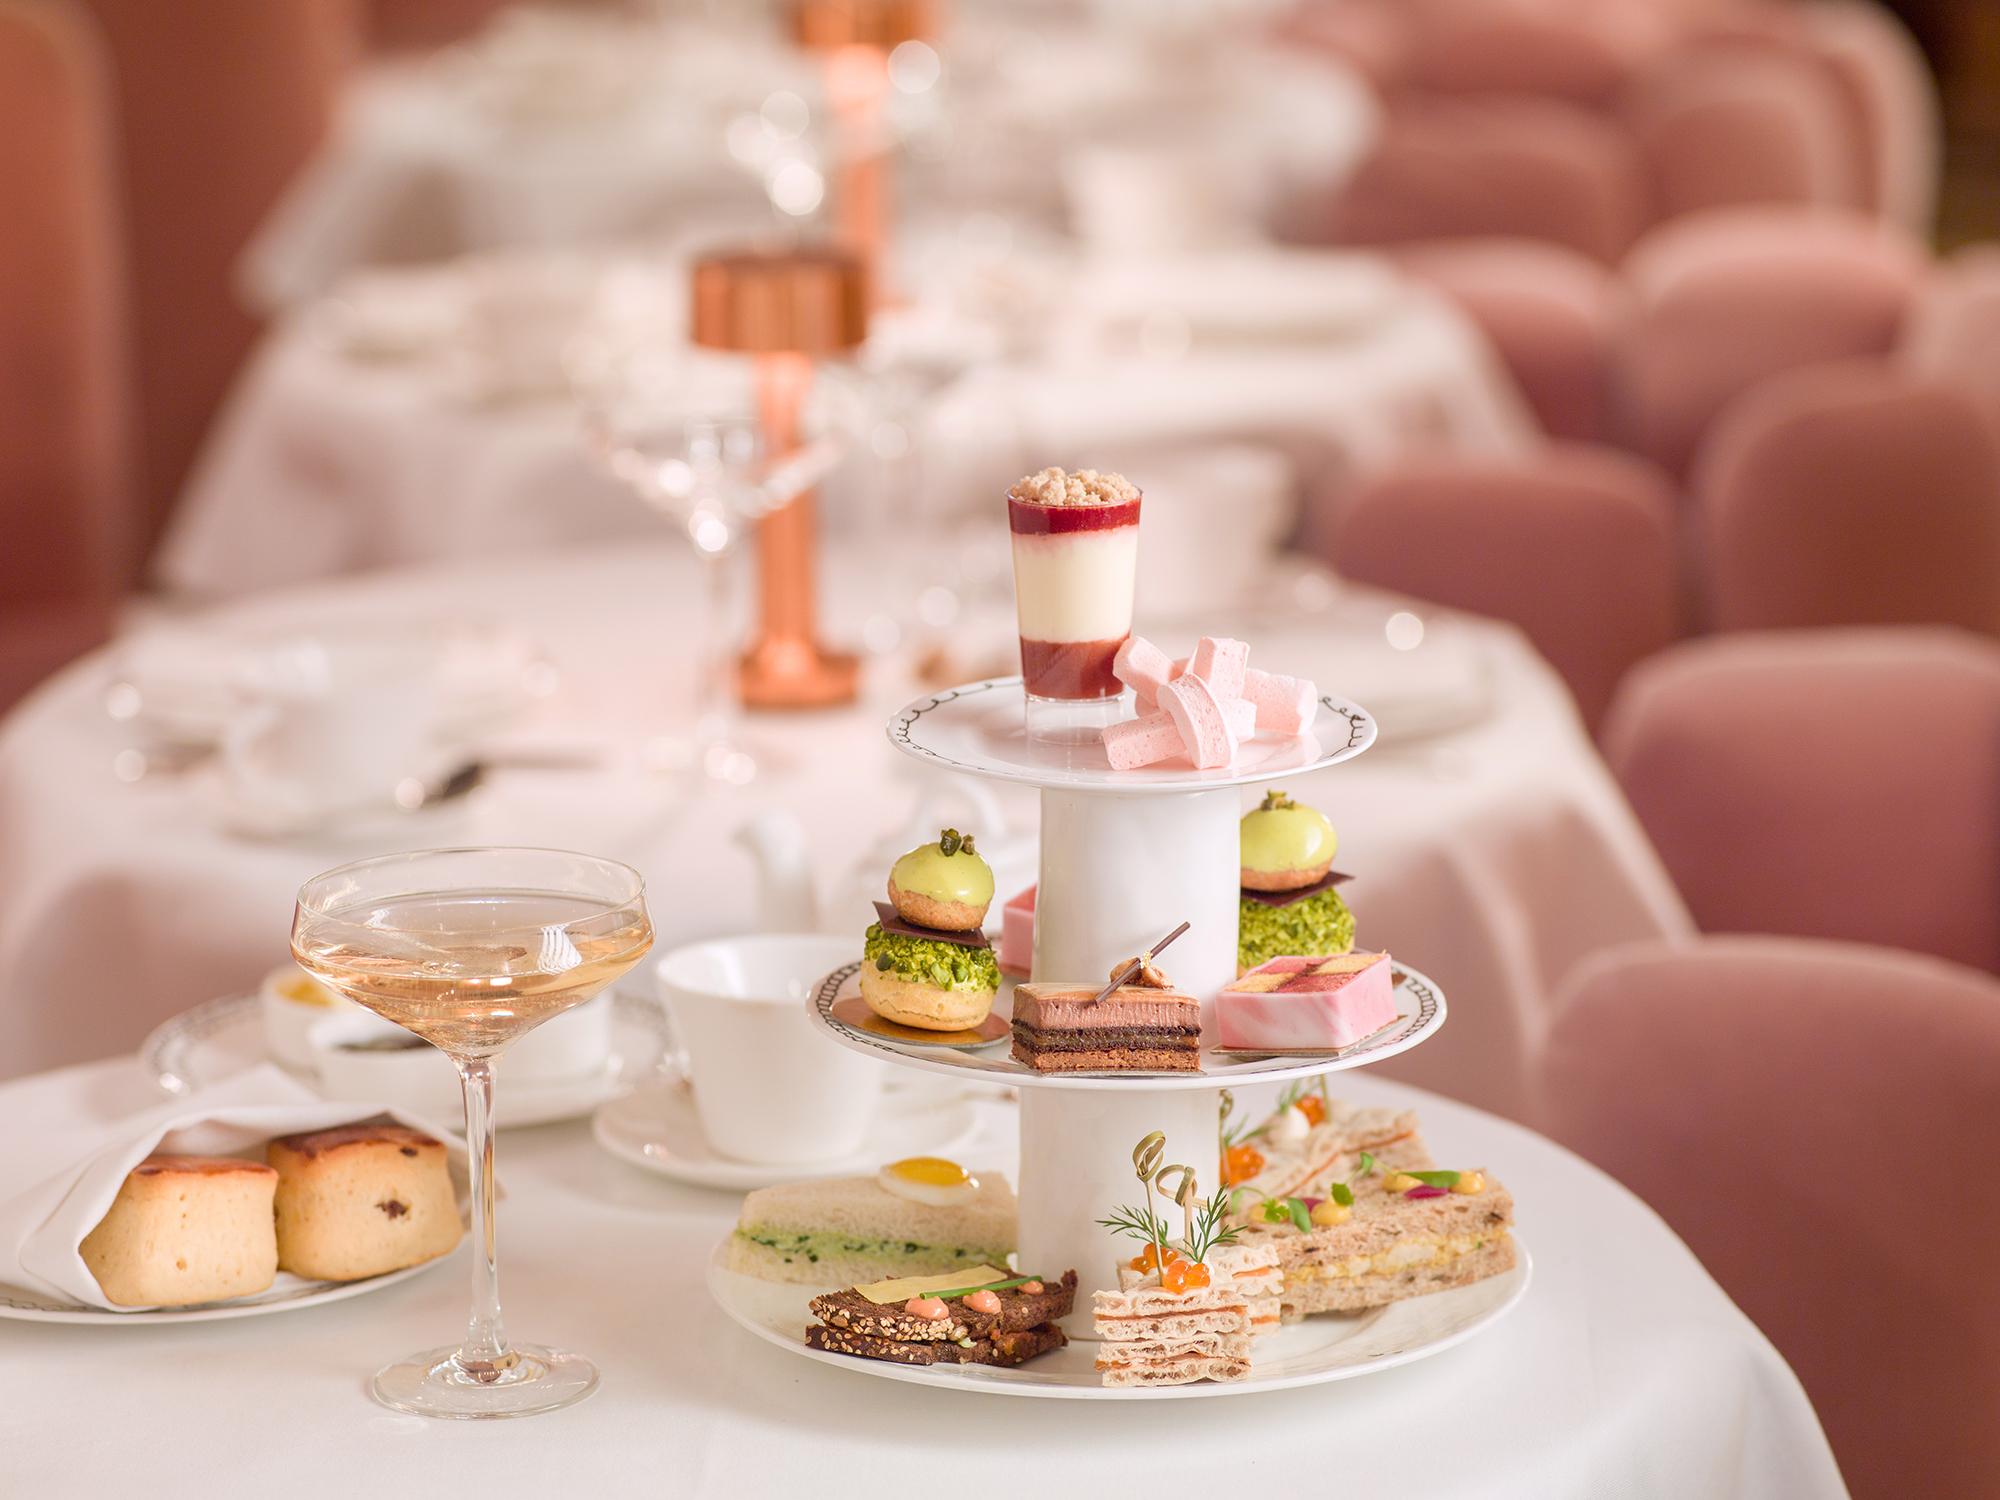 Best Tea Rooms South West London